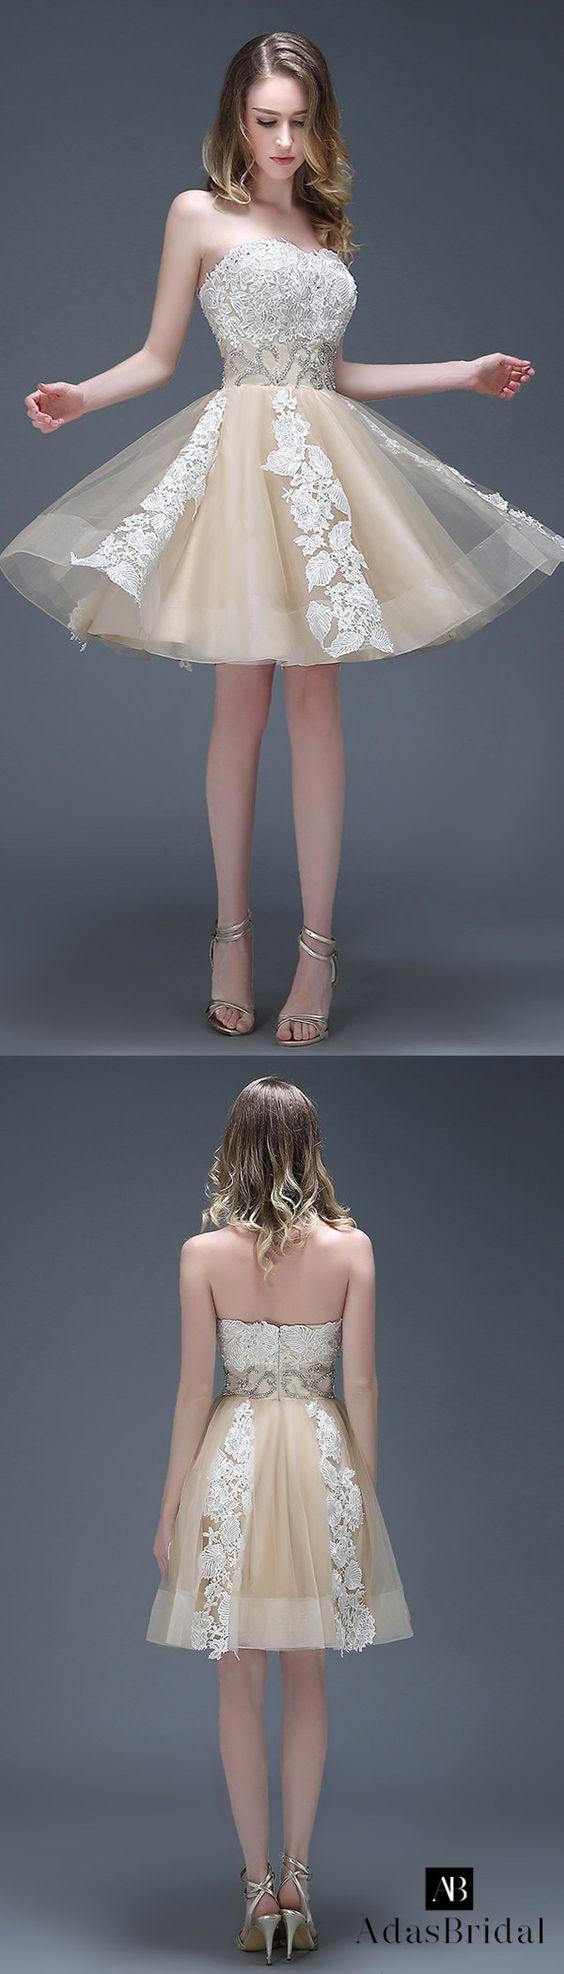 Los vestidos cortos mas hermosos